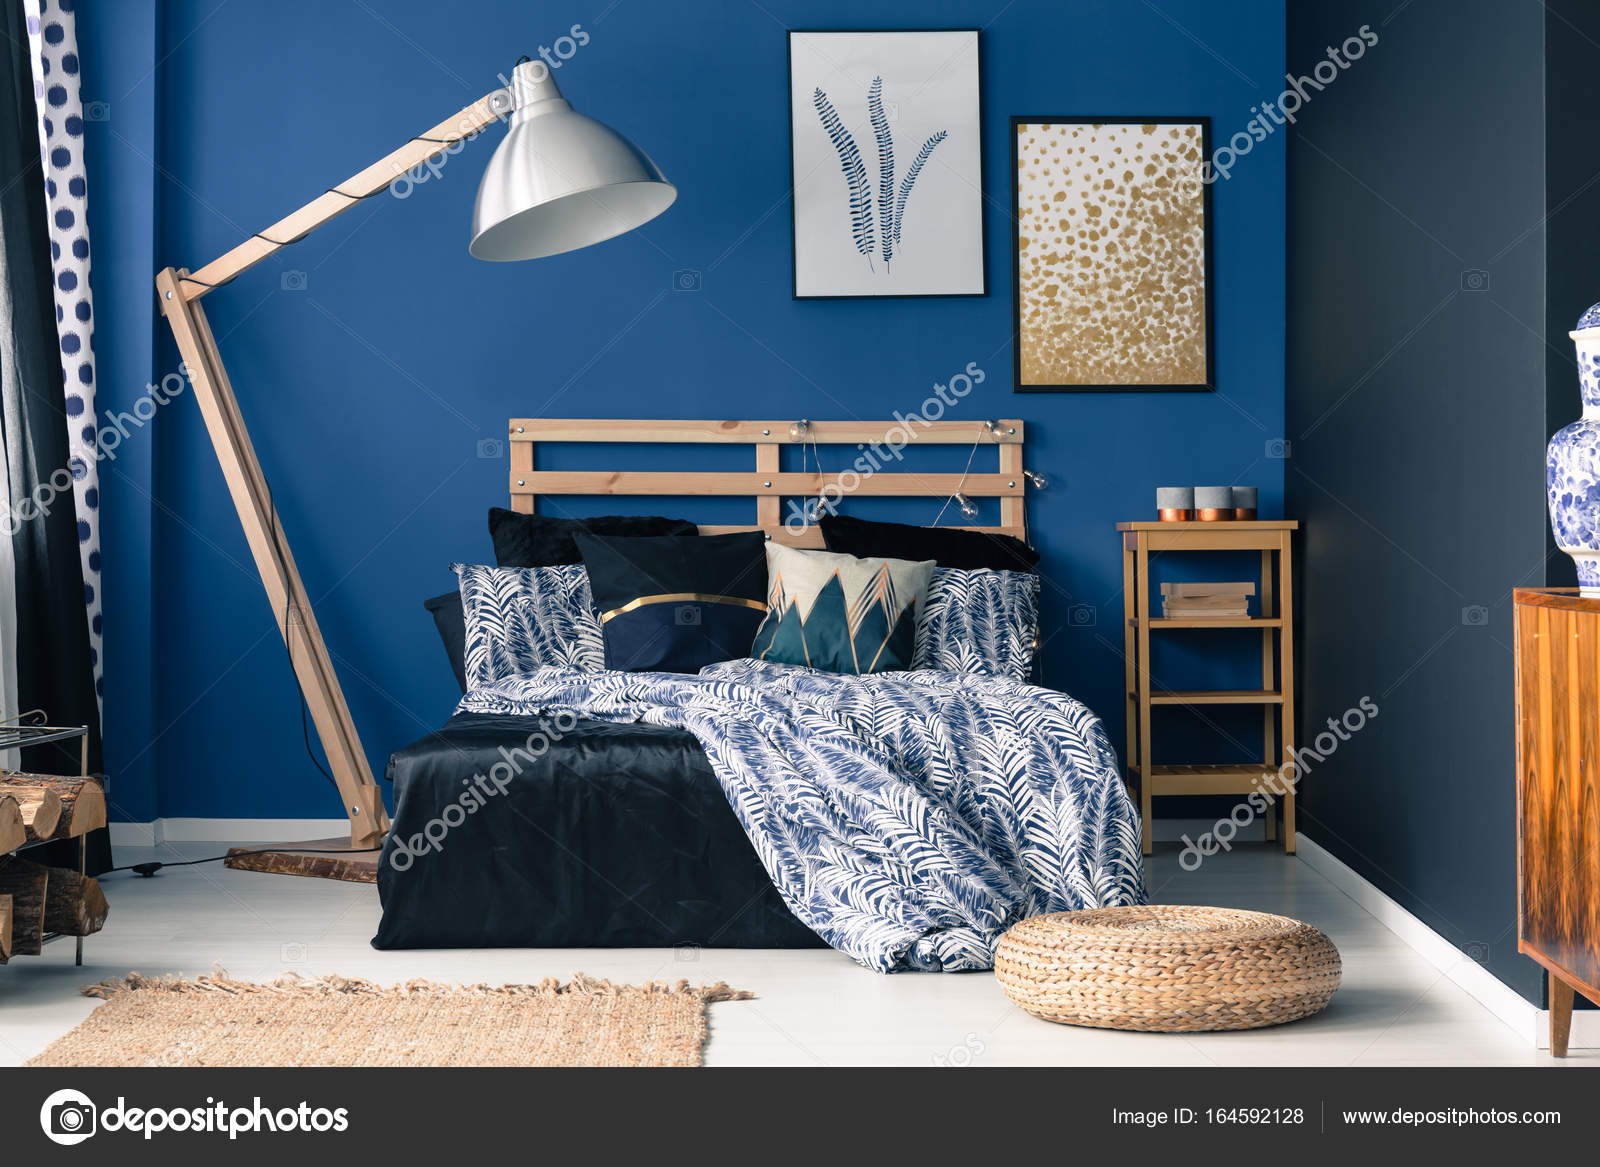 Hervorragend Blaue Schlafzimmer, Hauch Von Gold U2014 Stockfoto